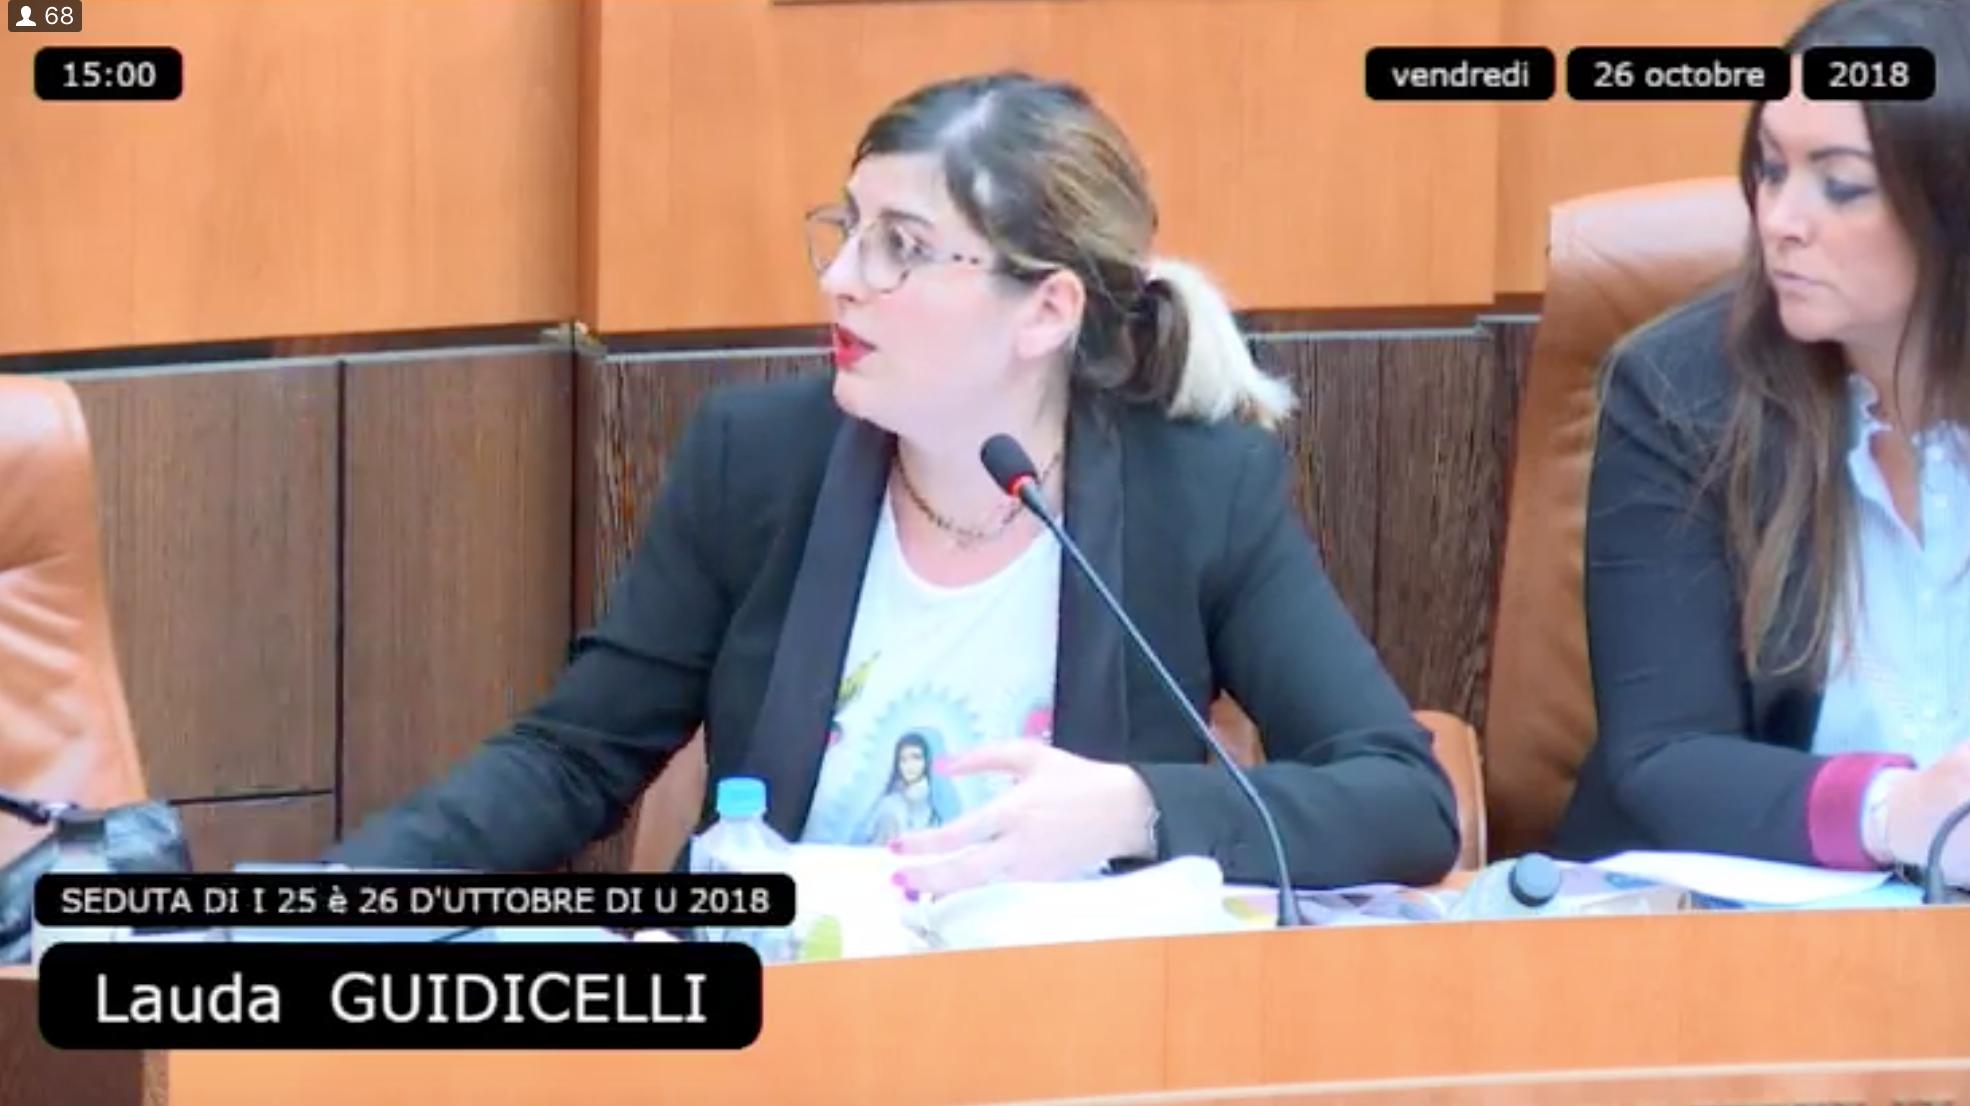 Lauda Giudicelli a rappelé la réalité populaire de la Ligue Corse d'Échecs